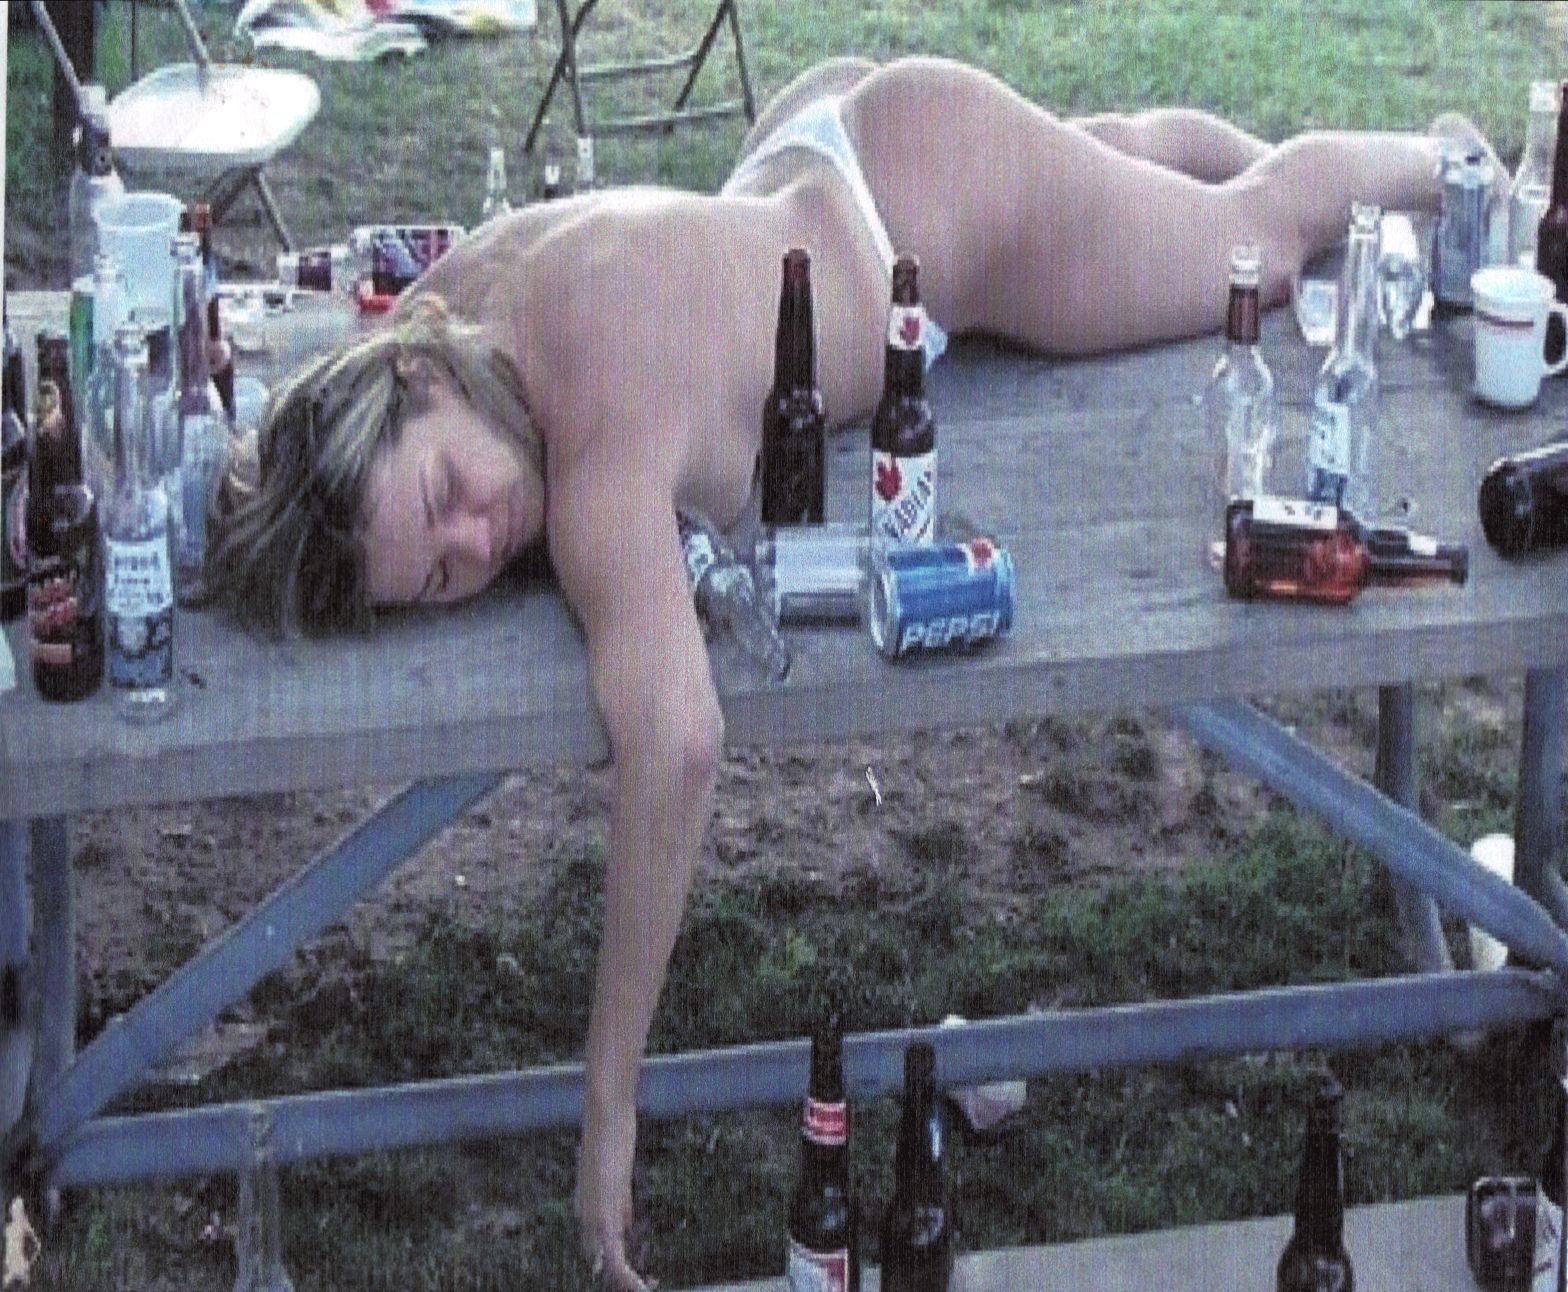 El miedo de la mujer del alcohólico